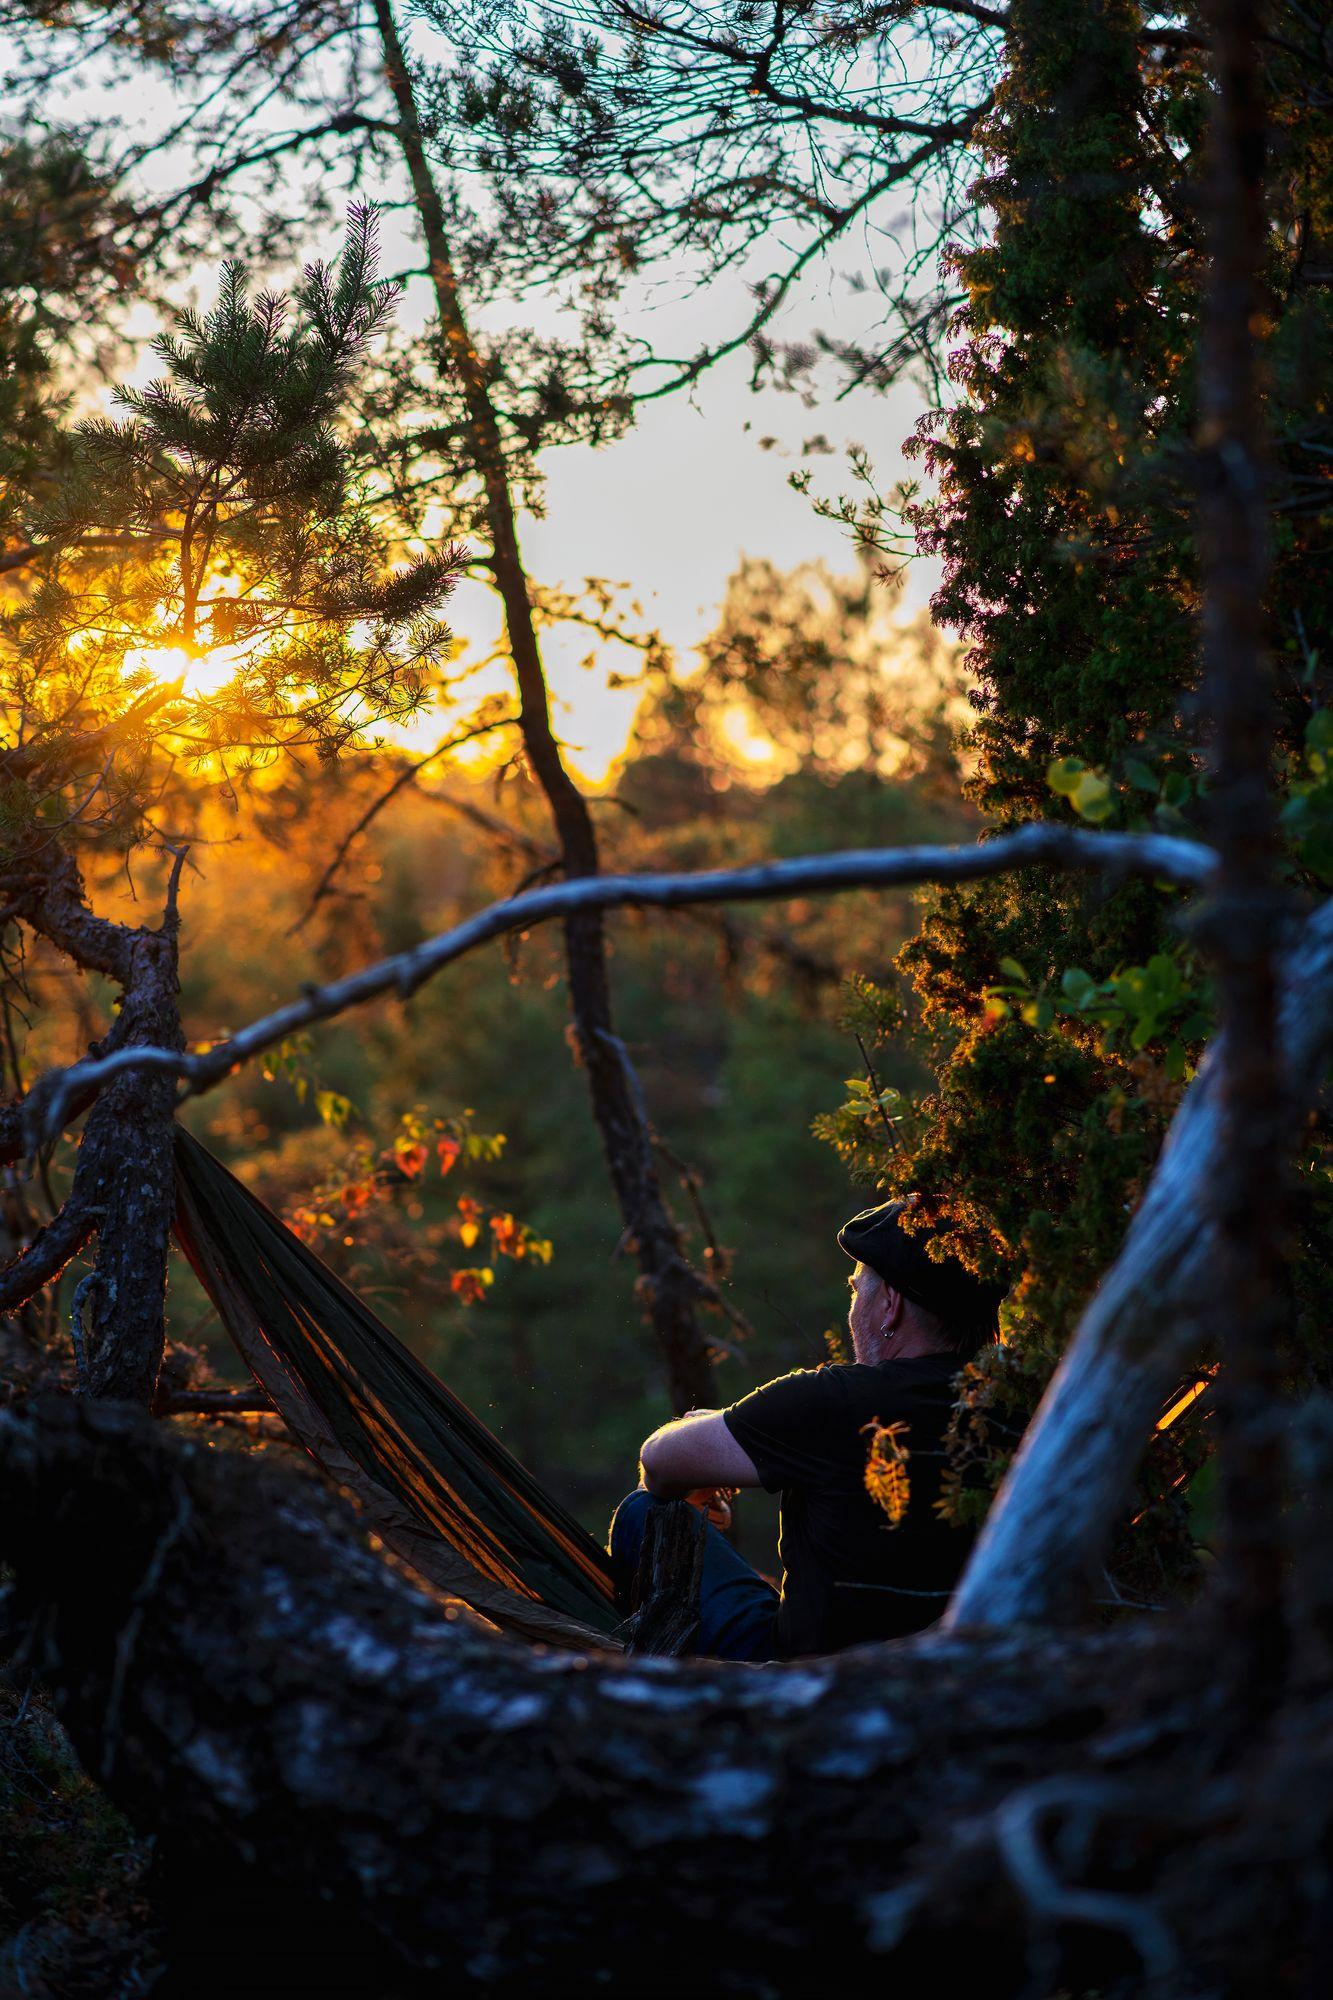 Ruuhkavuosi-ihminen voi harvoin arjessaan seurata auringonlaskua. Yksin metsässä sekin onnistui. Rauhan tunne voimistui, kun kalon kadotessa katosivat onneksi myös läheisen järven vesiskoottereiden äänet. © Sampo Korhonen